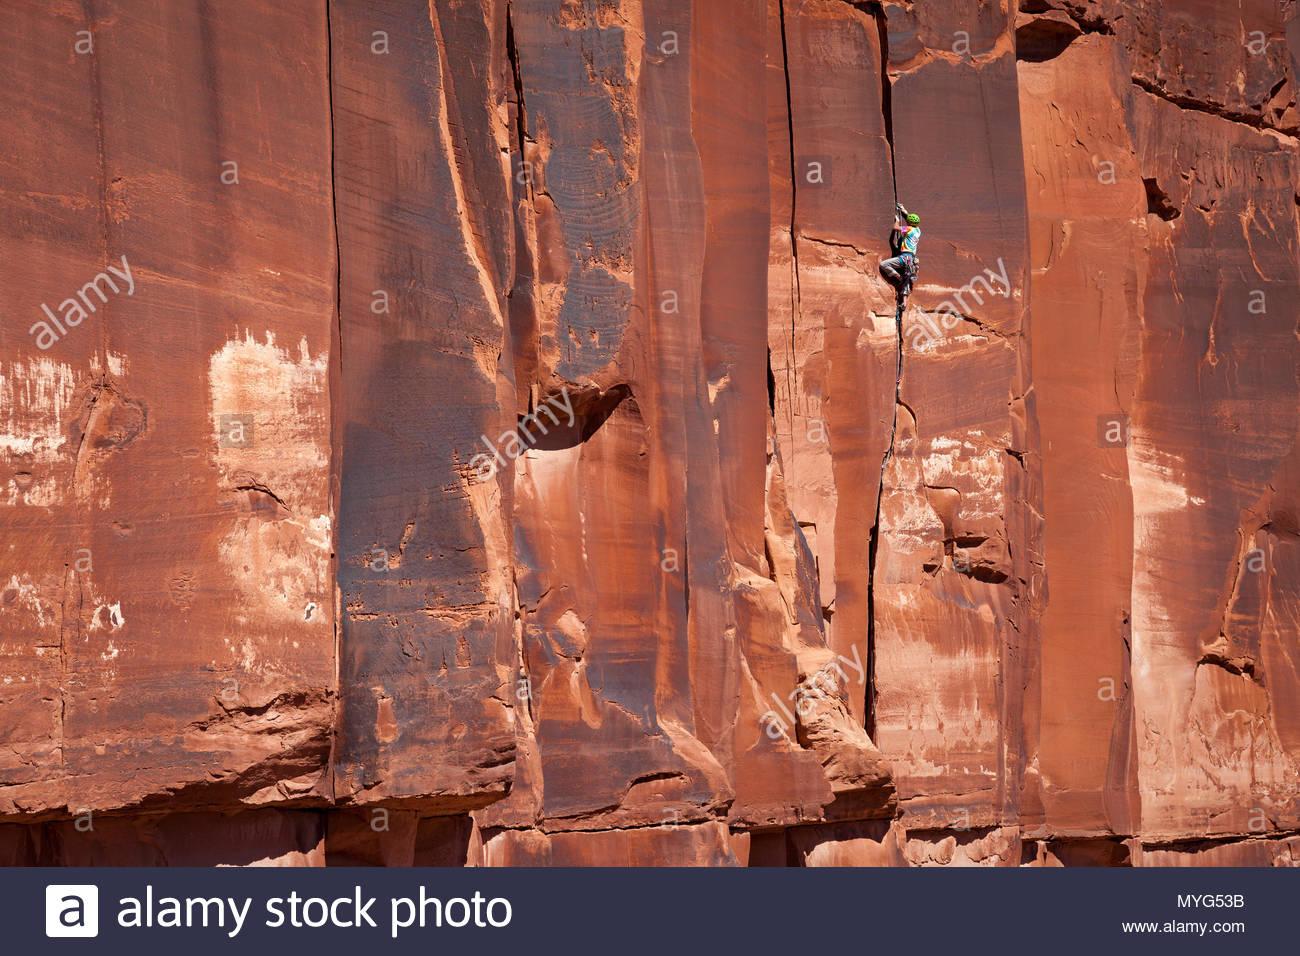 Un male rock climber en vêtements colorés monte une fissure grimper connu comme Chasin jupe en midi. Photo Stock